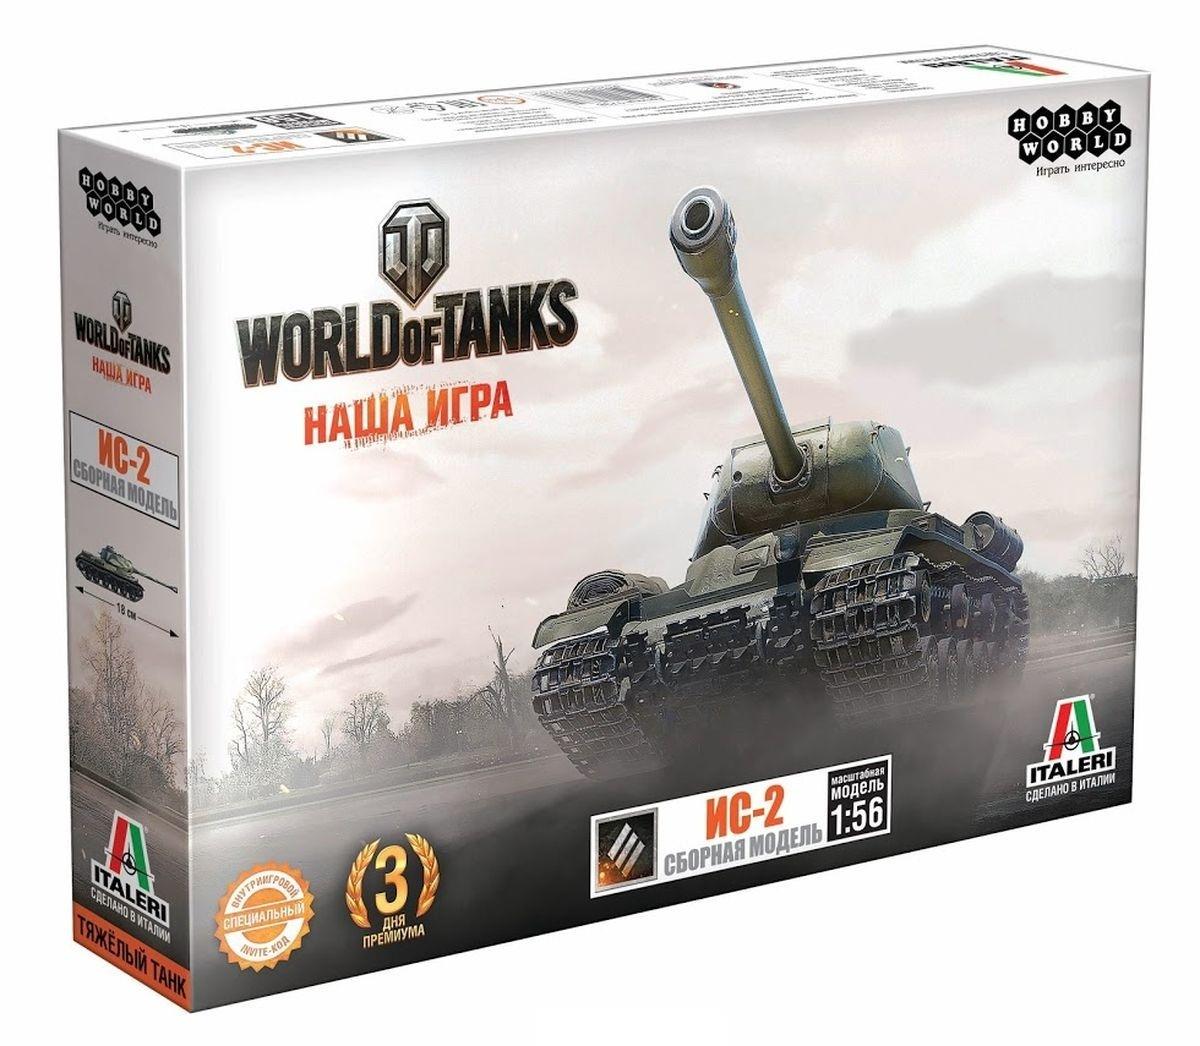 World of Tanks. ИС-2. Масштабная модель 1 56 (Сборный танк) как танк в игре world of tanks не прокачивая его